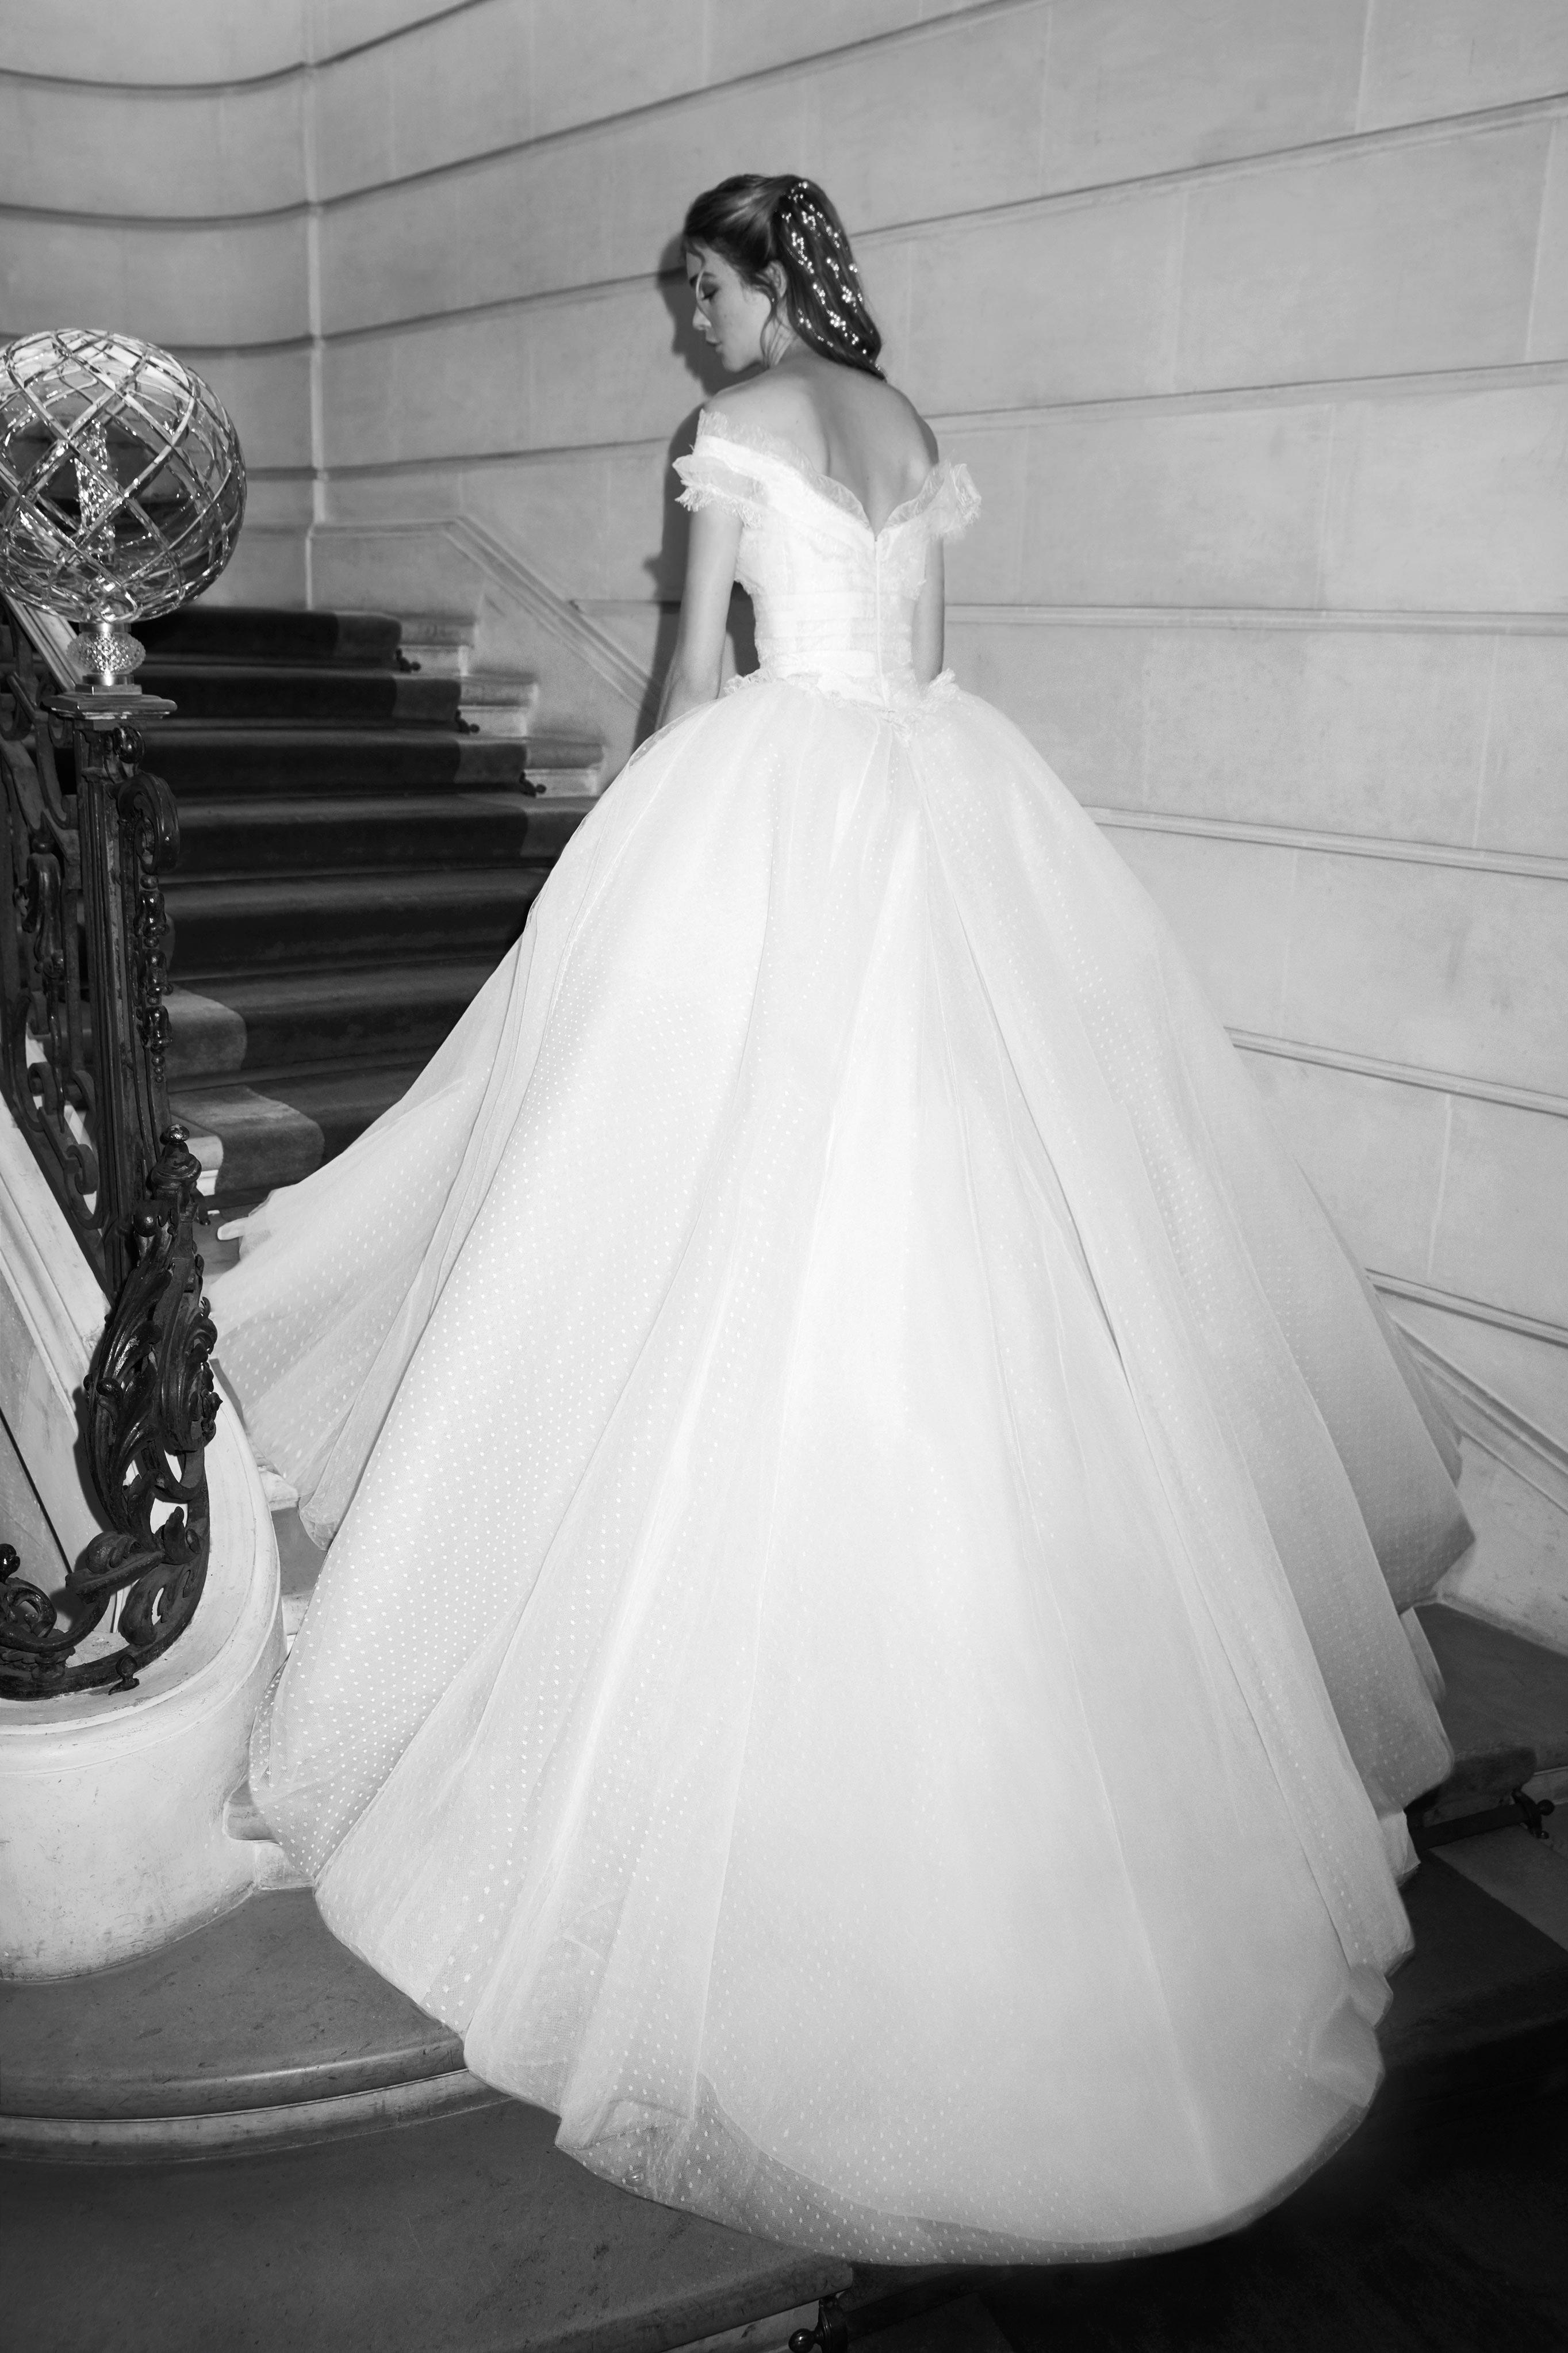 elie saab wedding dress spring 2019 off the shoulder tulle ballgown back